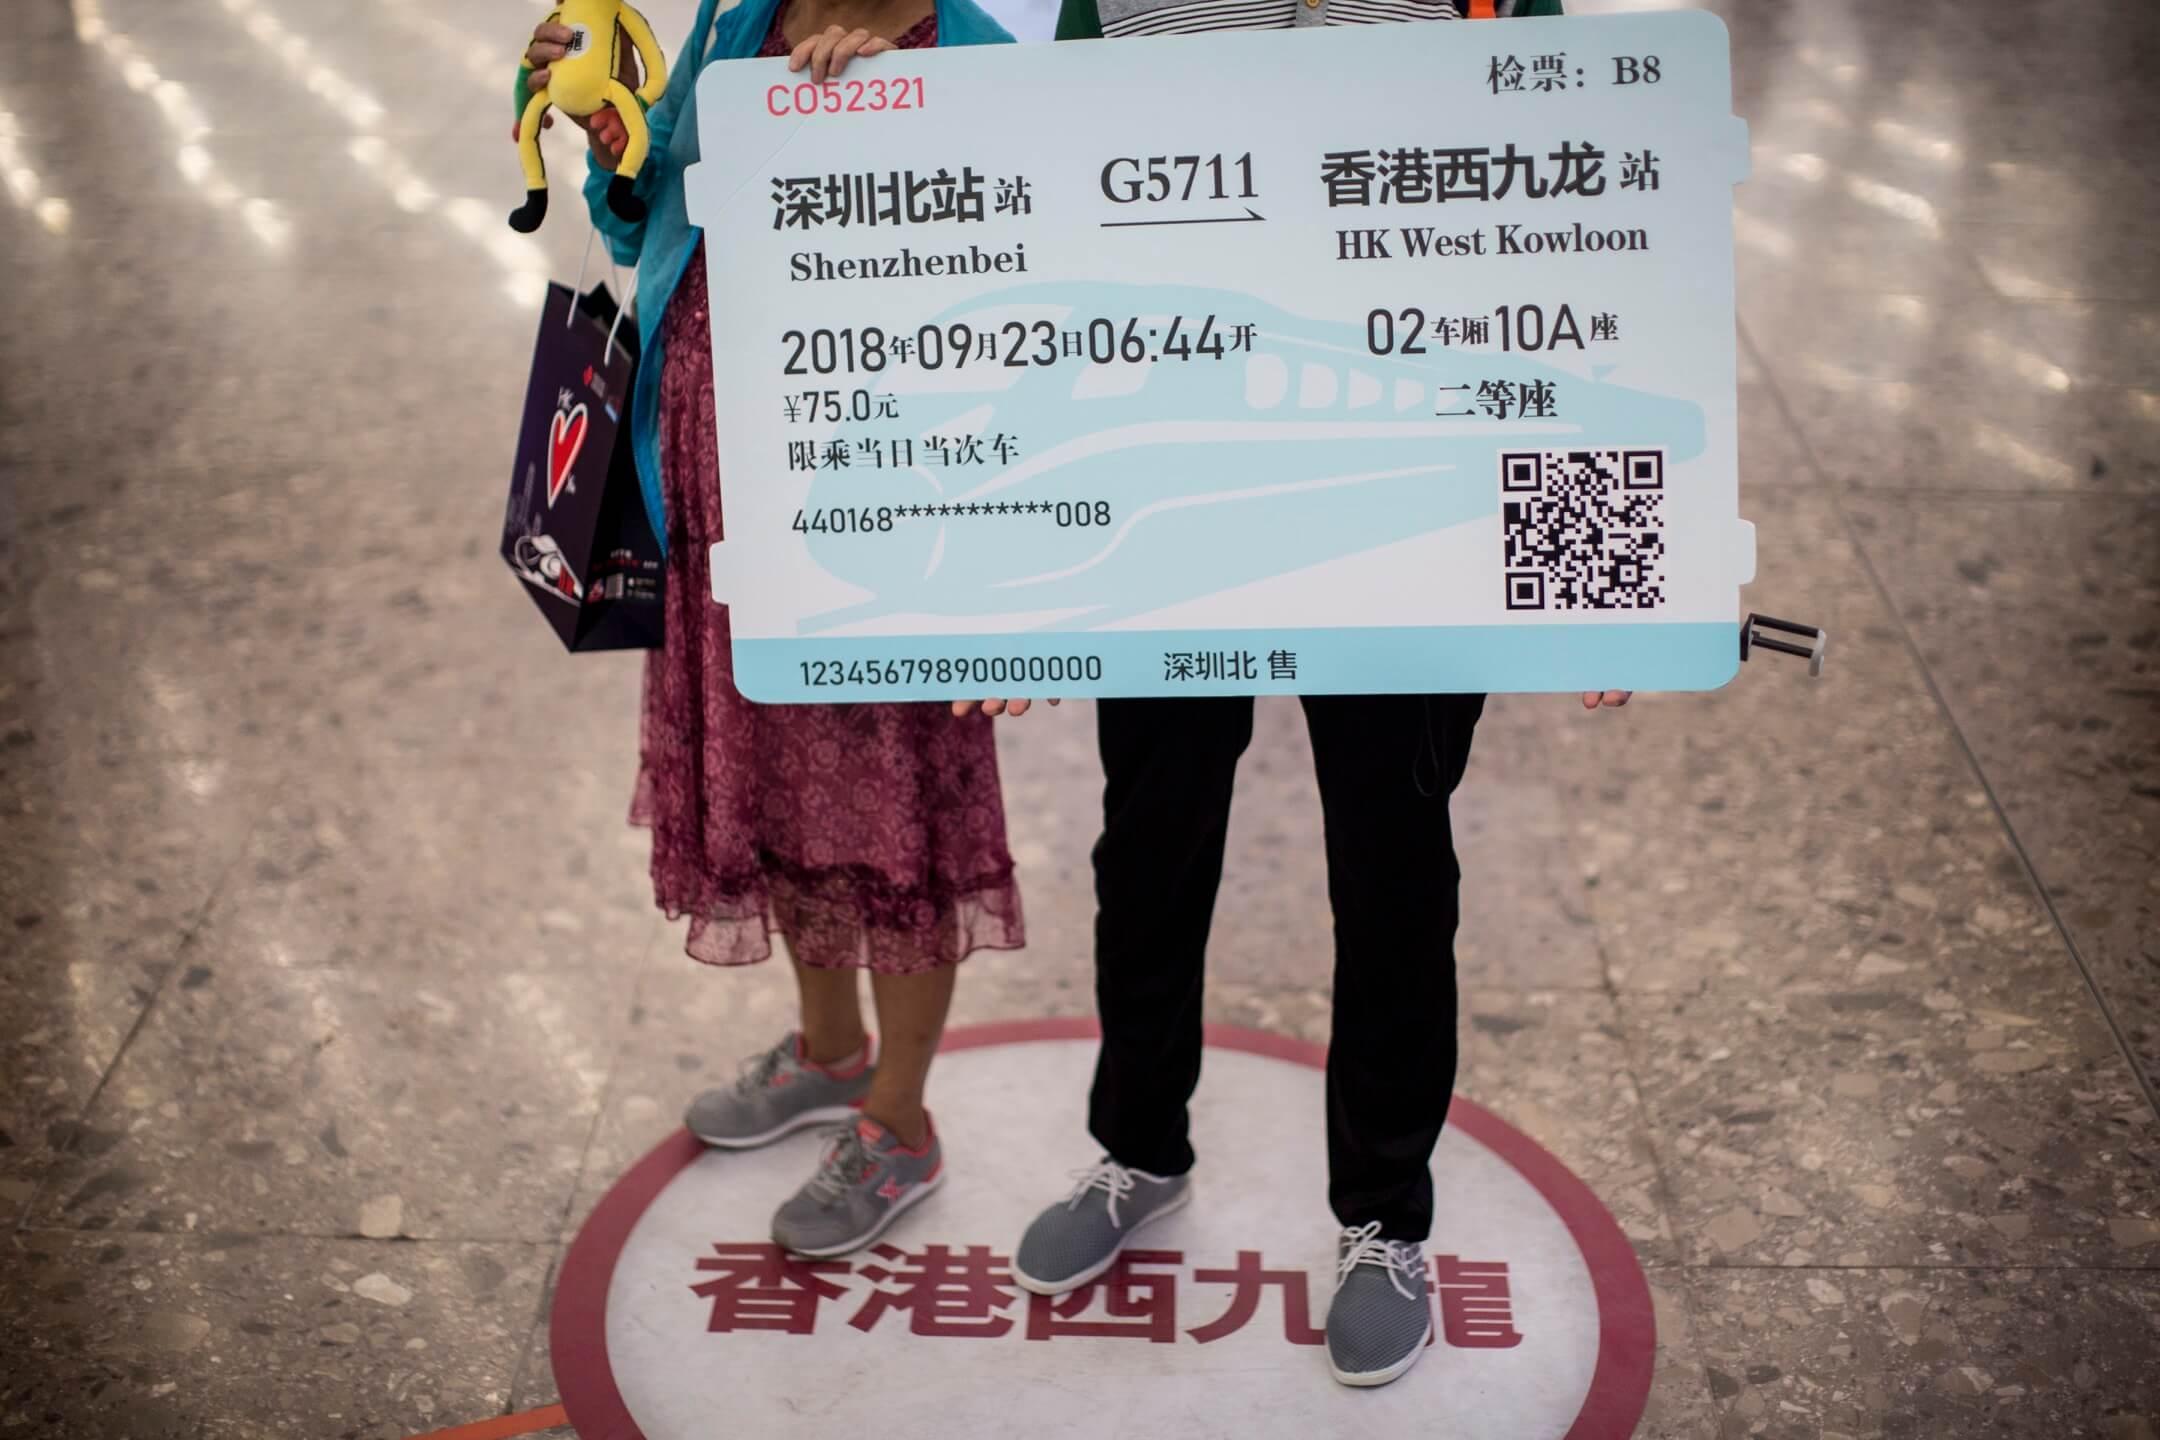 香港西九龍高鐵站入境大堂,兩名內地旅客拿著道具車票拍照。